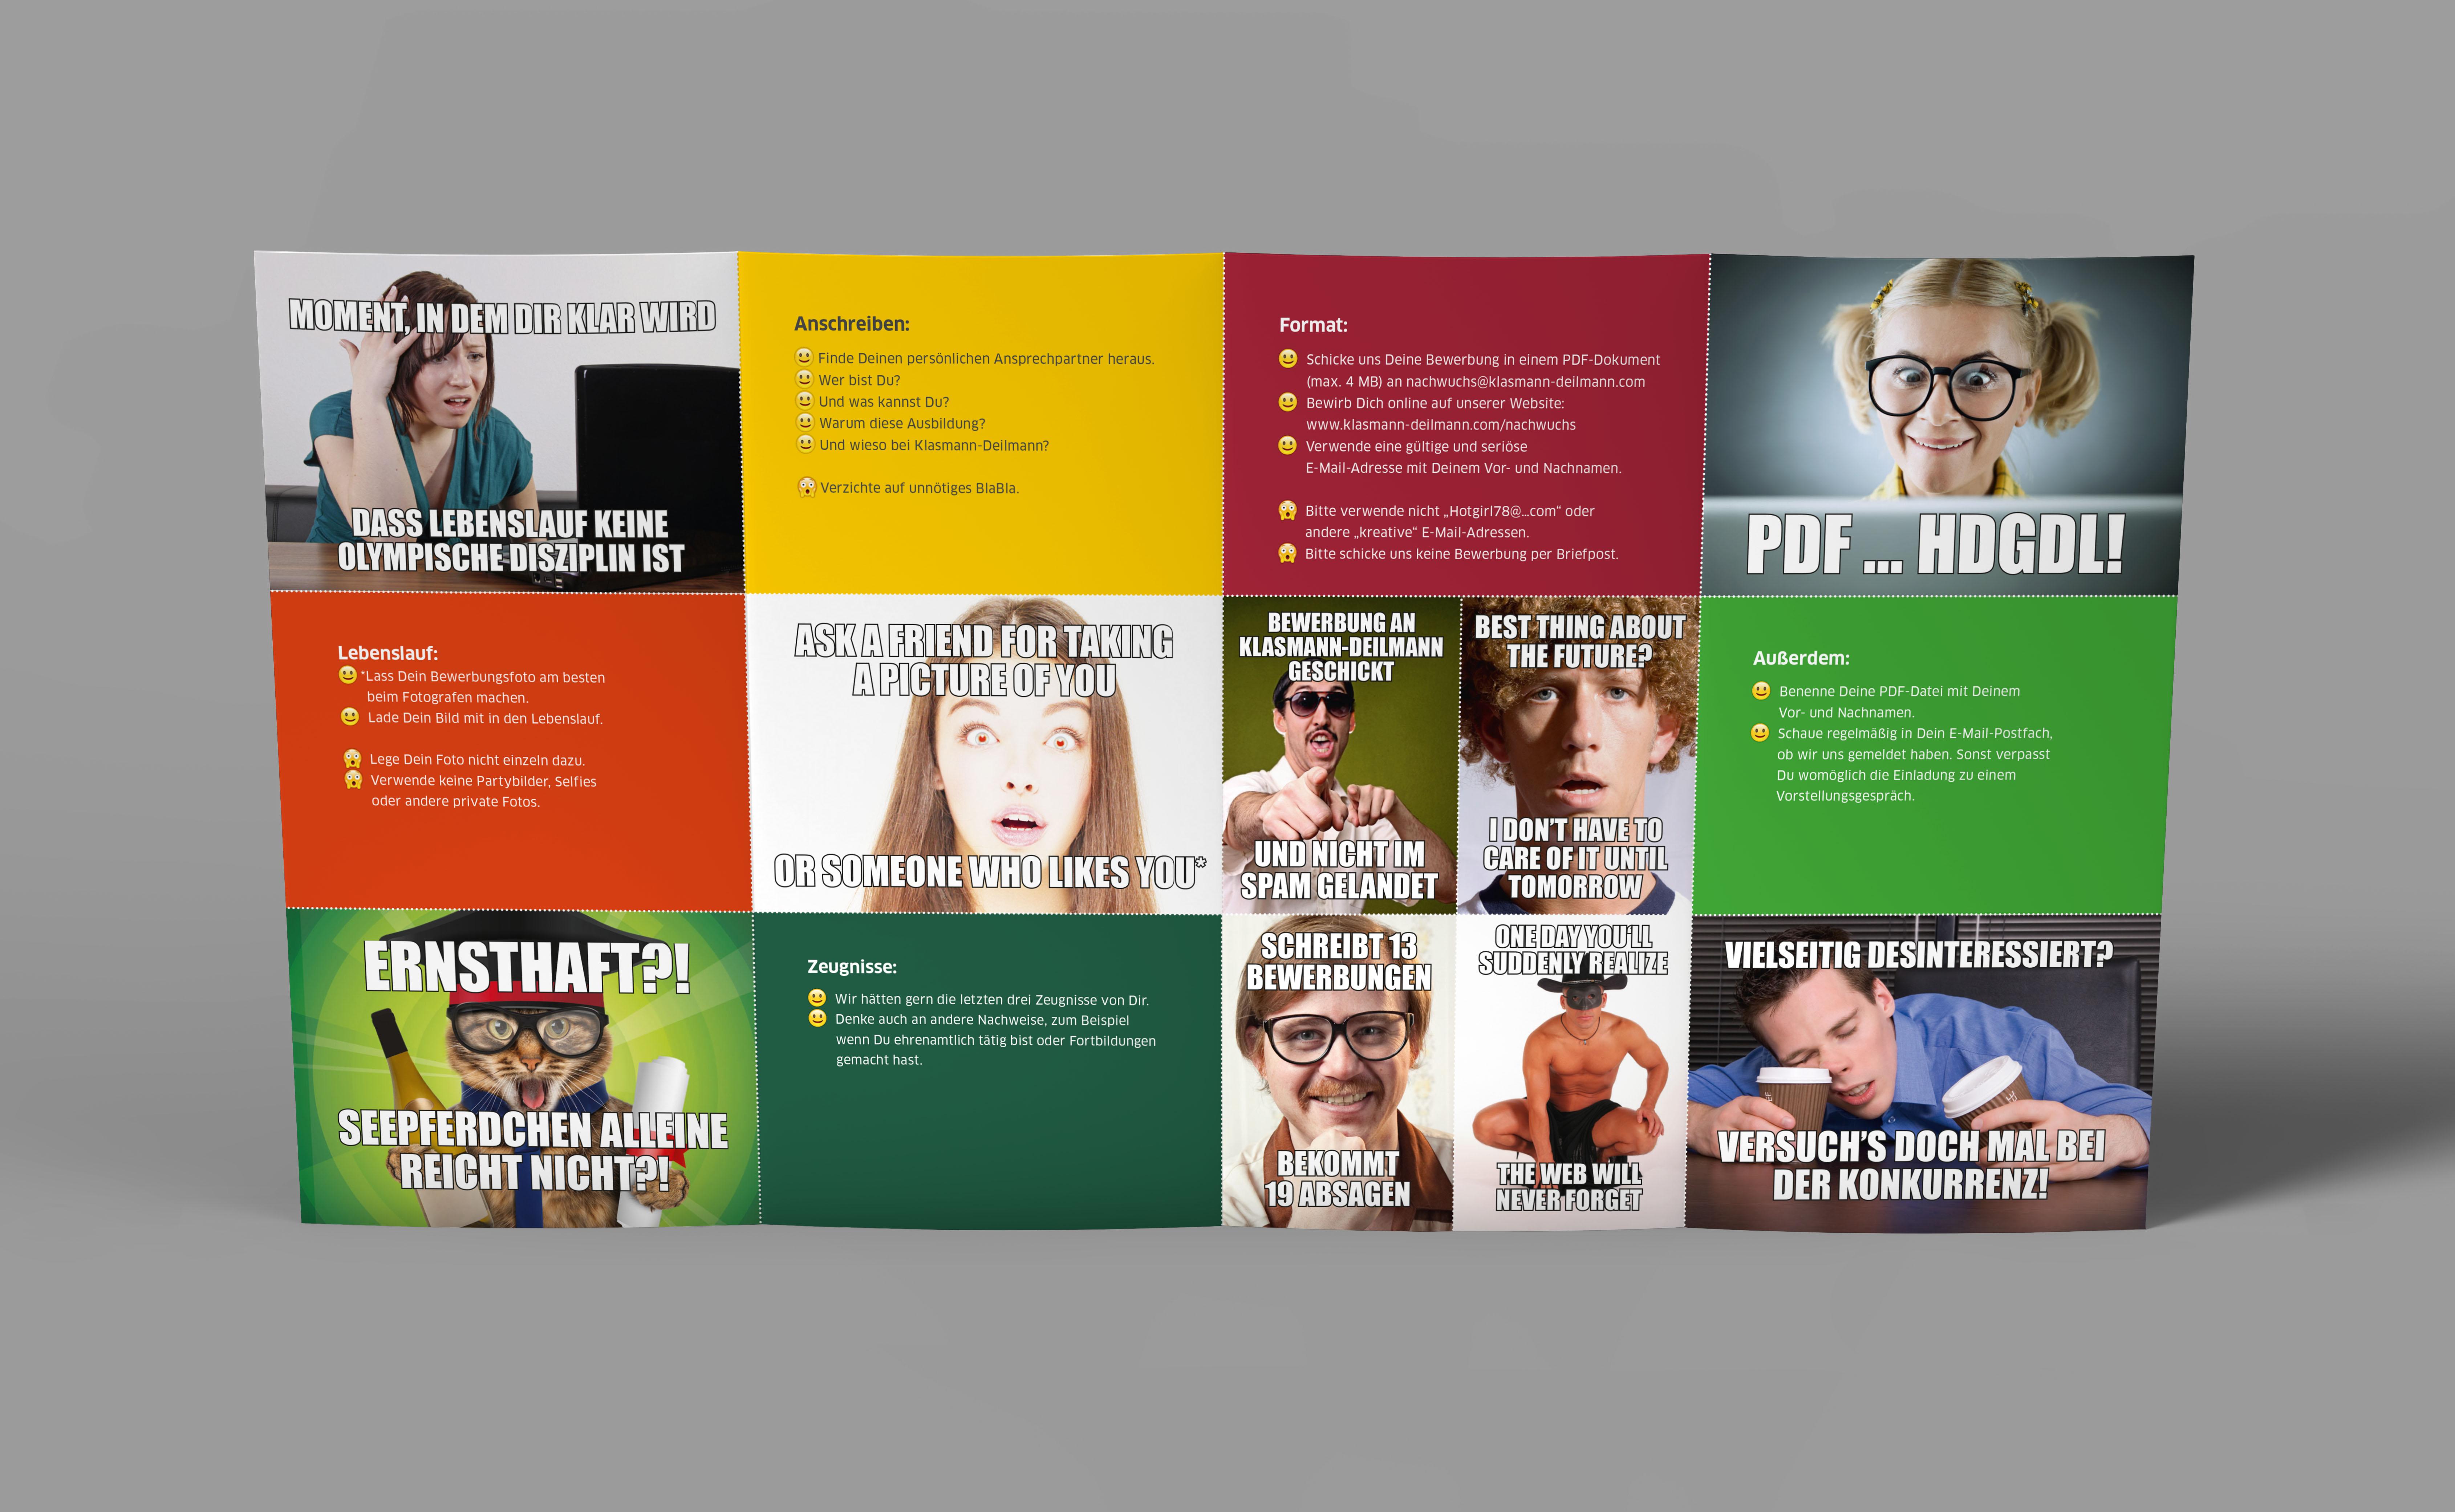 kd flyer meme 01 - Eine Zielgruppe wirbt für sich selbst – Corporate Design, Grafikdesign, Kommunikationsdesign, Branding, Markenentwicklung